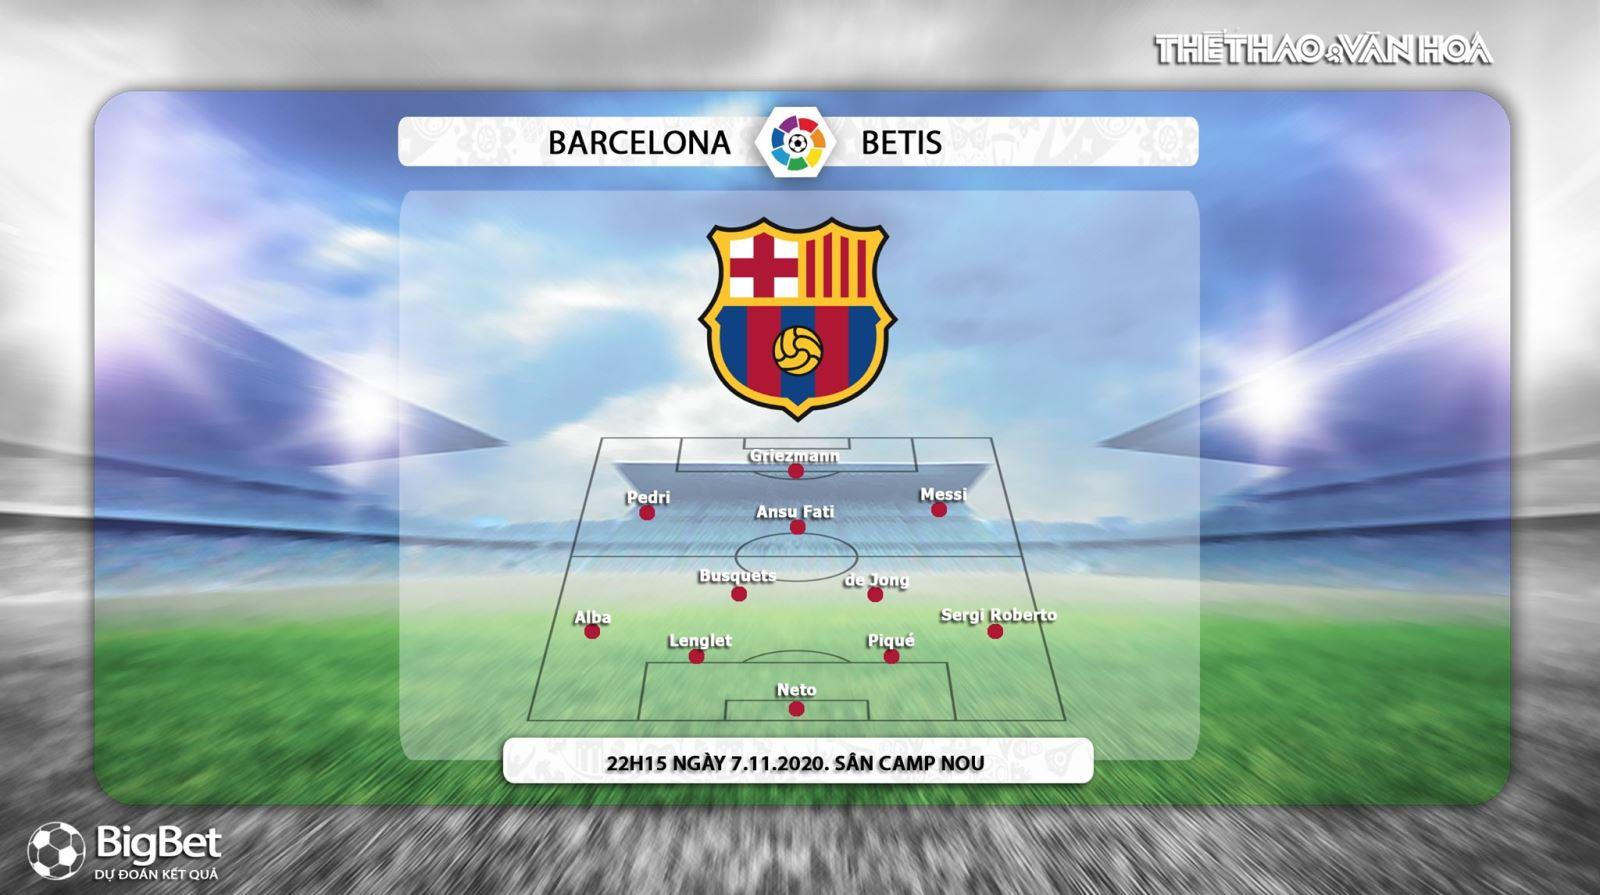 Keo nha cai, kèo nhà cái, Barcelona Real Madrid, Vòng 9 La Liga, Trực tiếp BĐTV, Trực tiếp La Liga vòng 9, Soi kèo barcelona đấu với Real  Betis, Kèo Barcelona, Kèo Betis